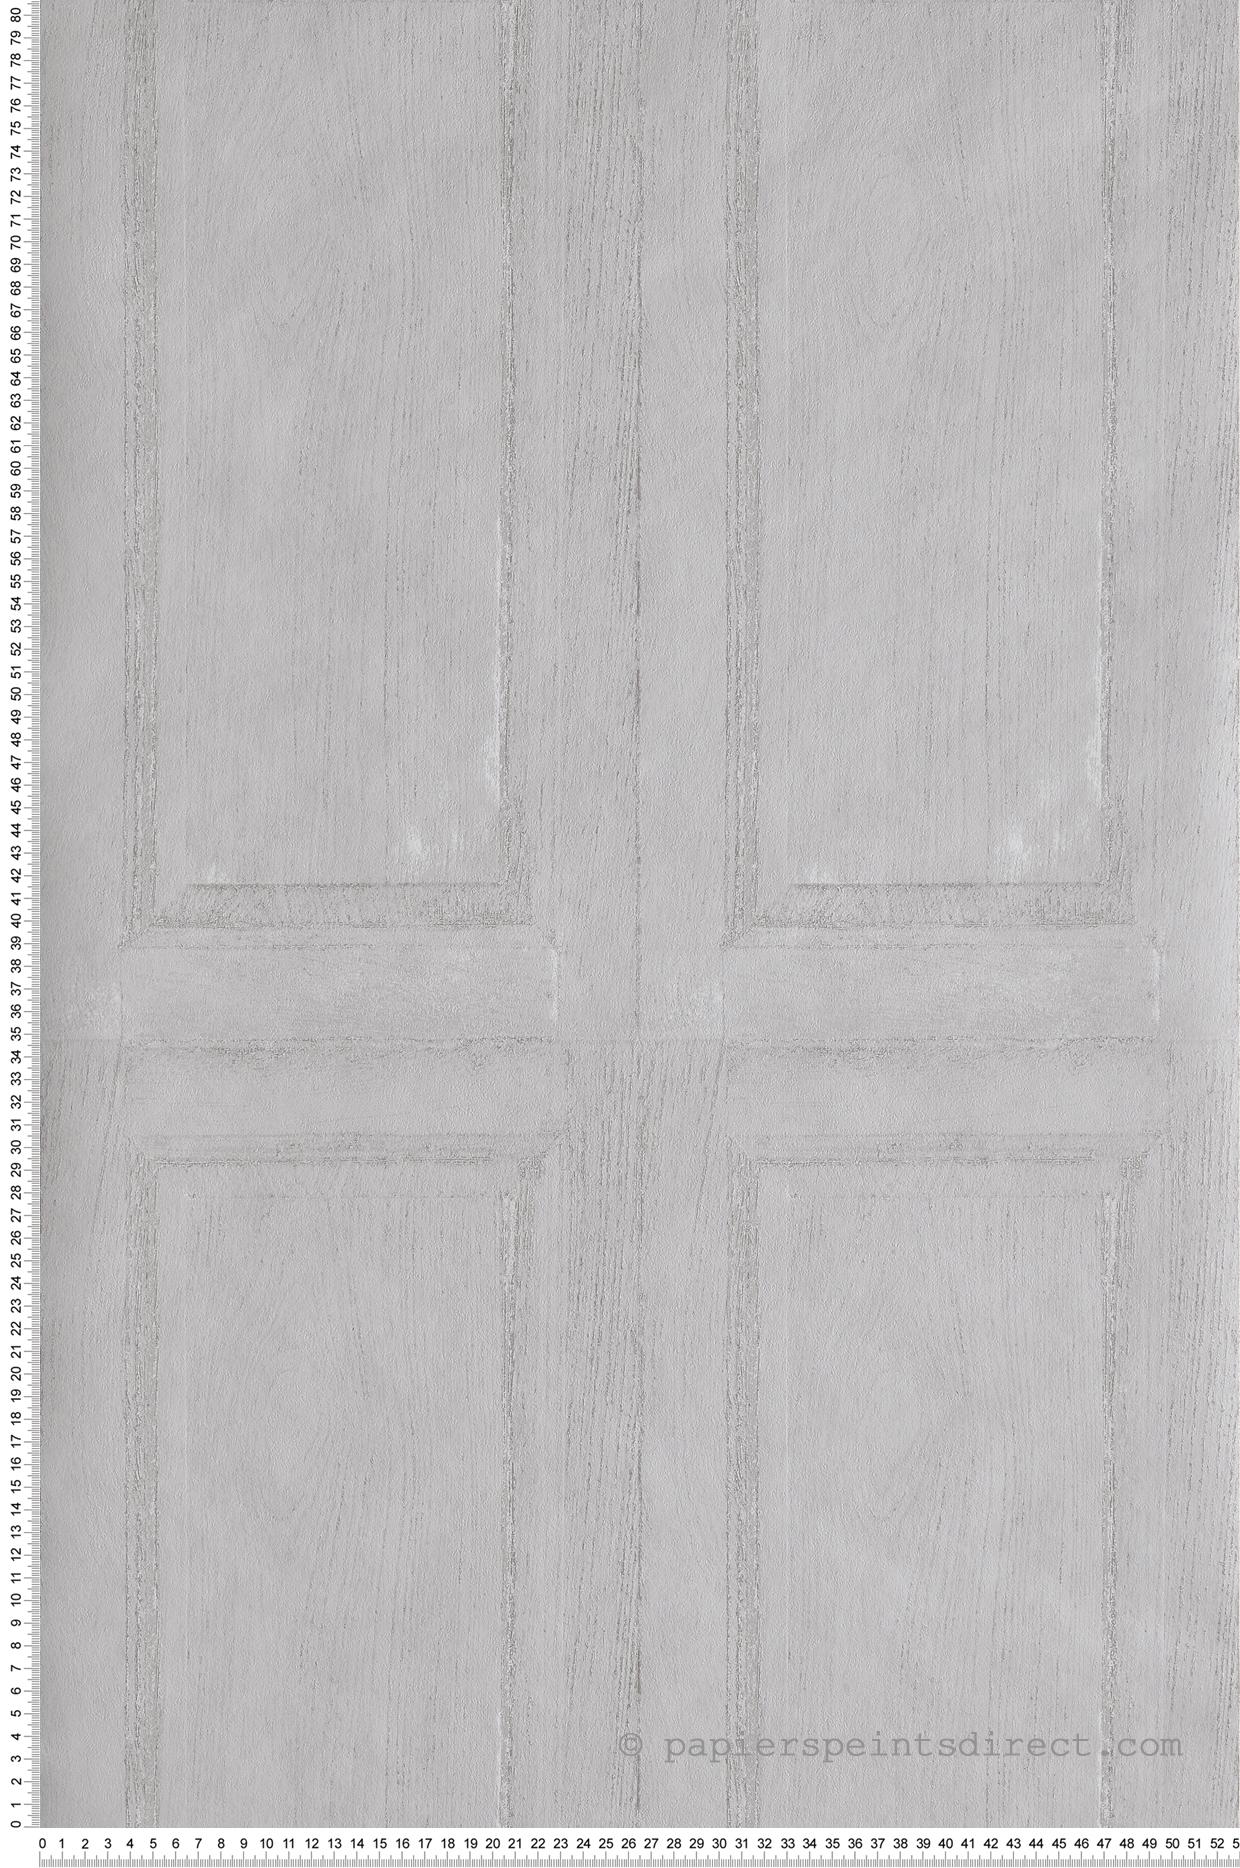 Soubassement Couloir En Bois papier peint soubassement panneau bois gris - babyland de lutèce